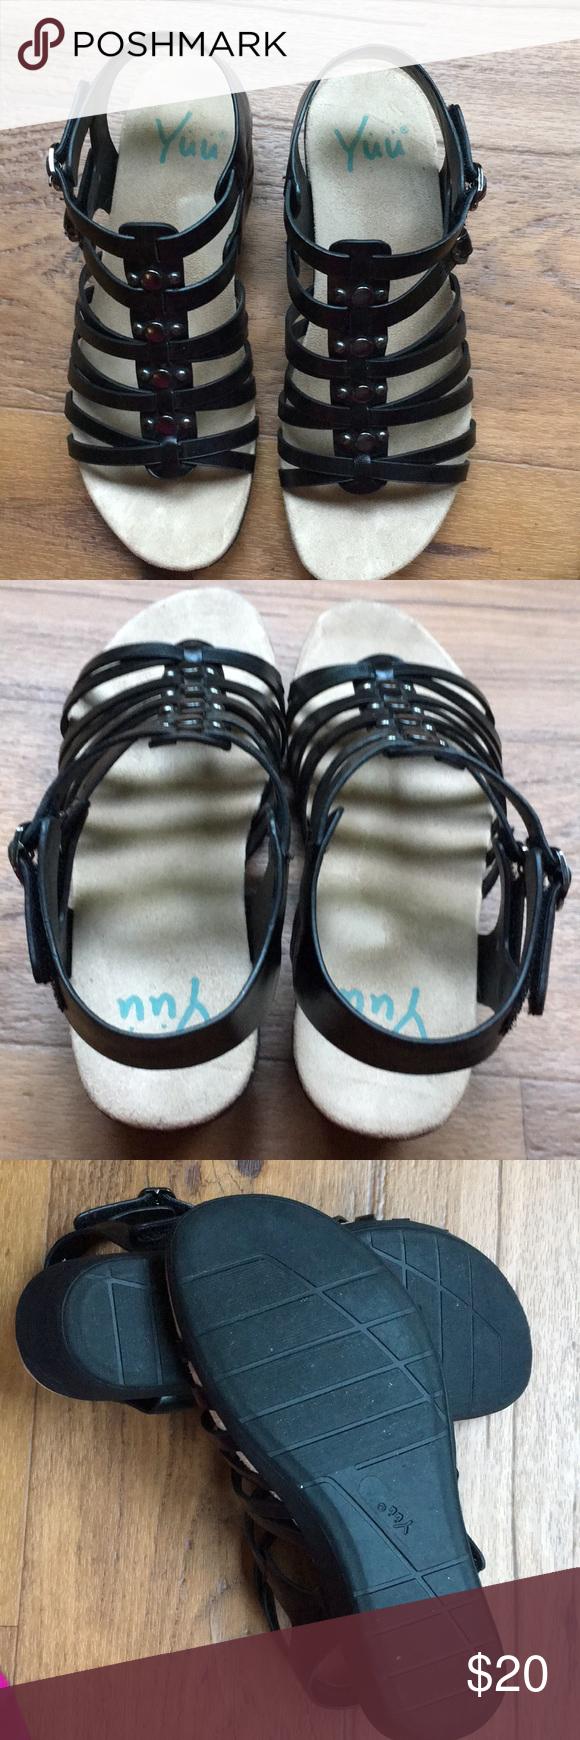 Yuu Berica sandals Black sandals in